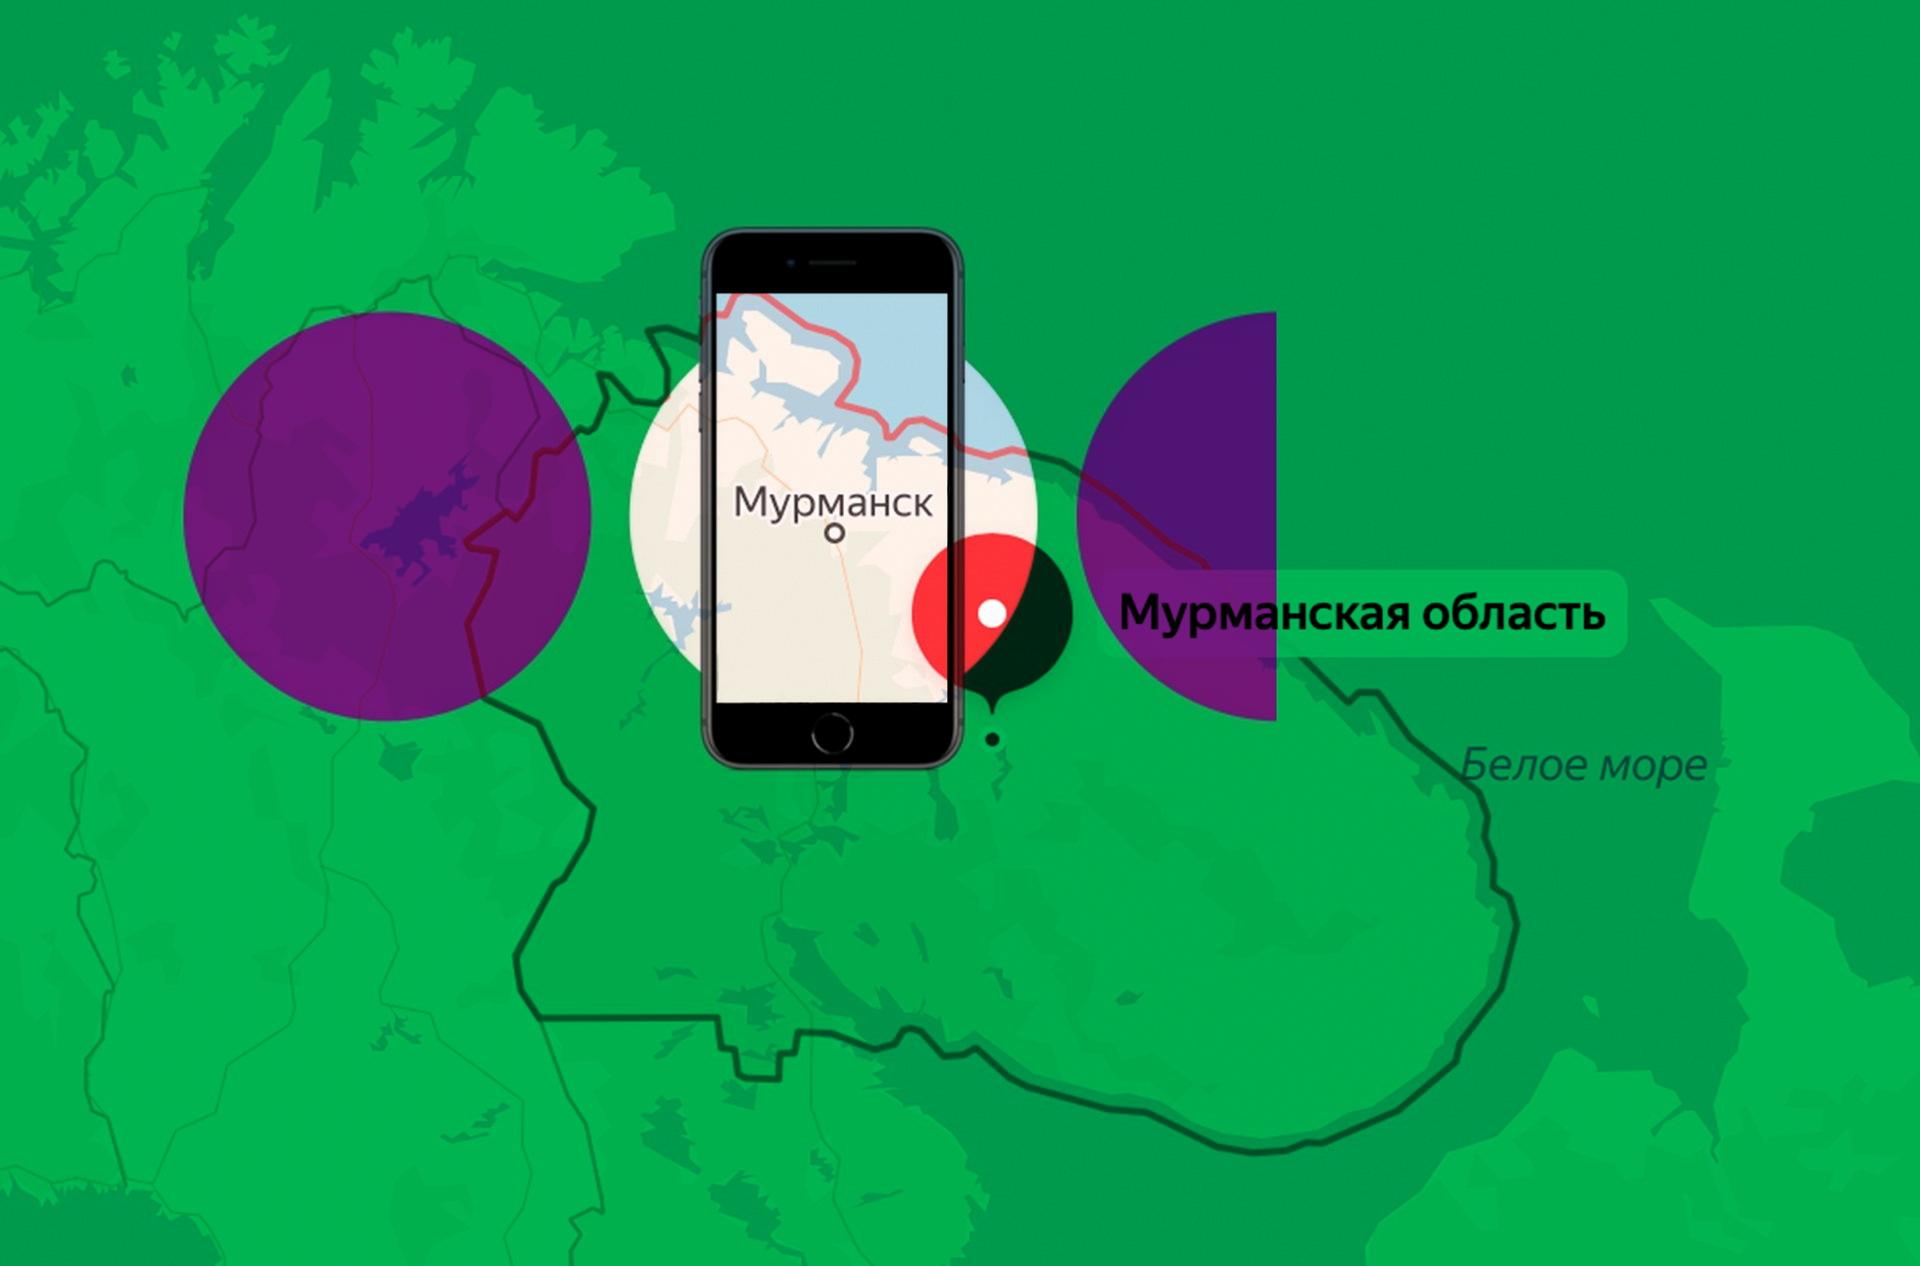 Мурманские абоненты МегаФона предпочитают «ВКонтакте» 1